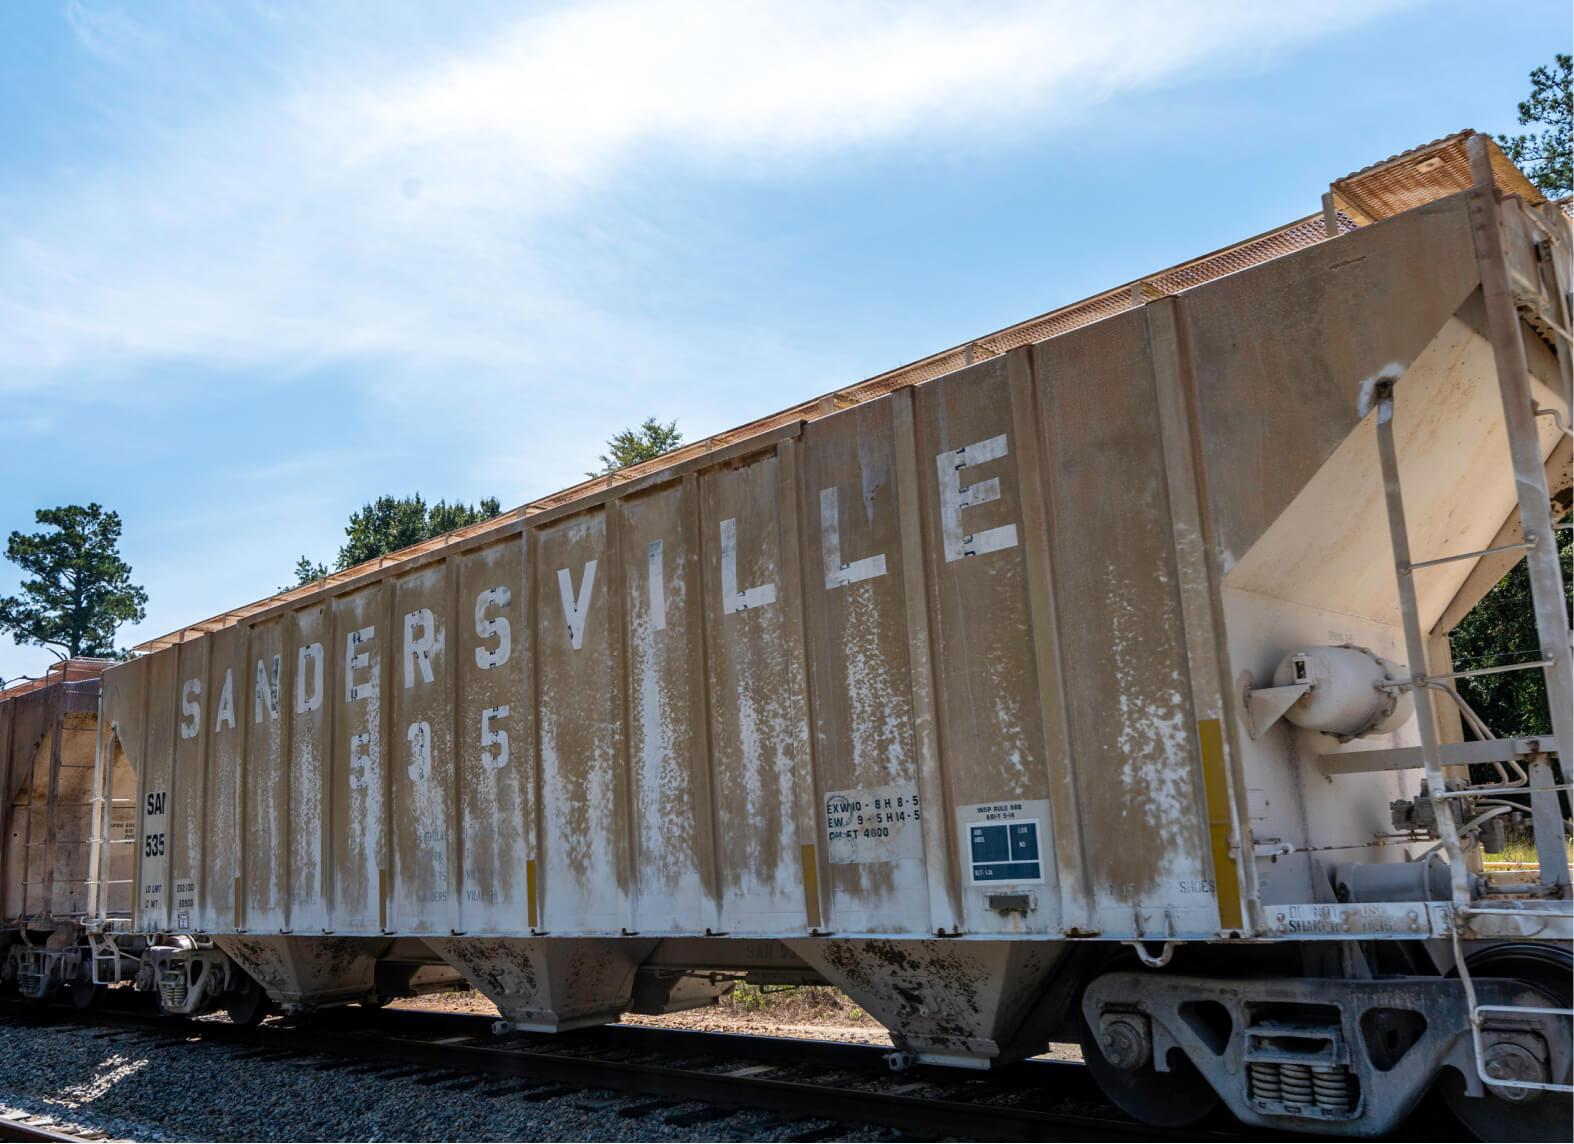 Sandersville Railroad Company railcar